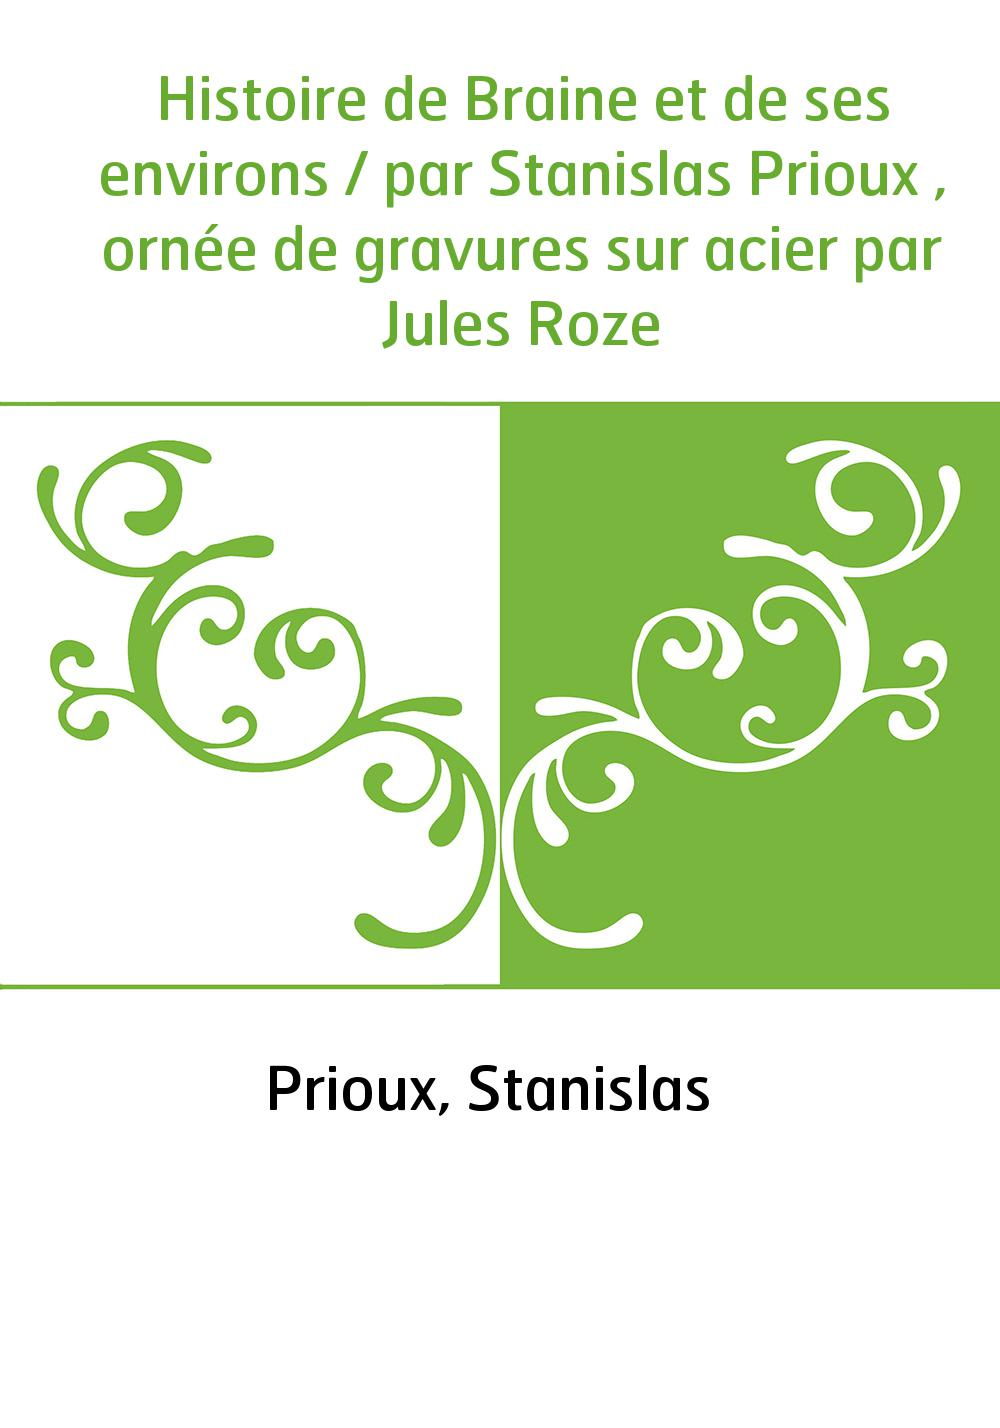 Histoire de Braine et de ses environs / par Stanislas Prioux , ornée de gravures sur acier par Jules Roze